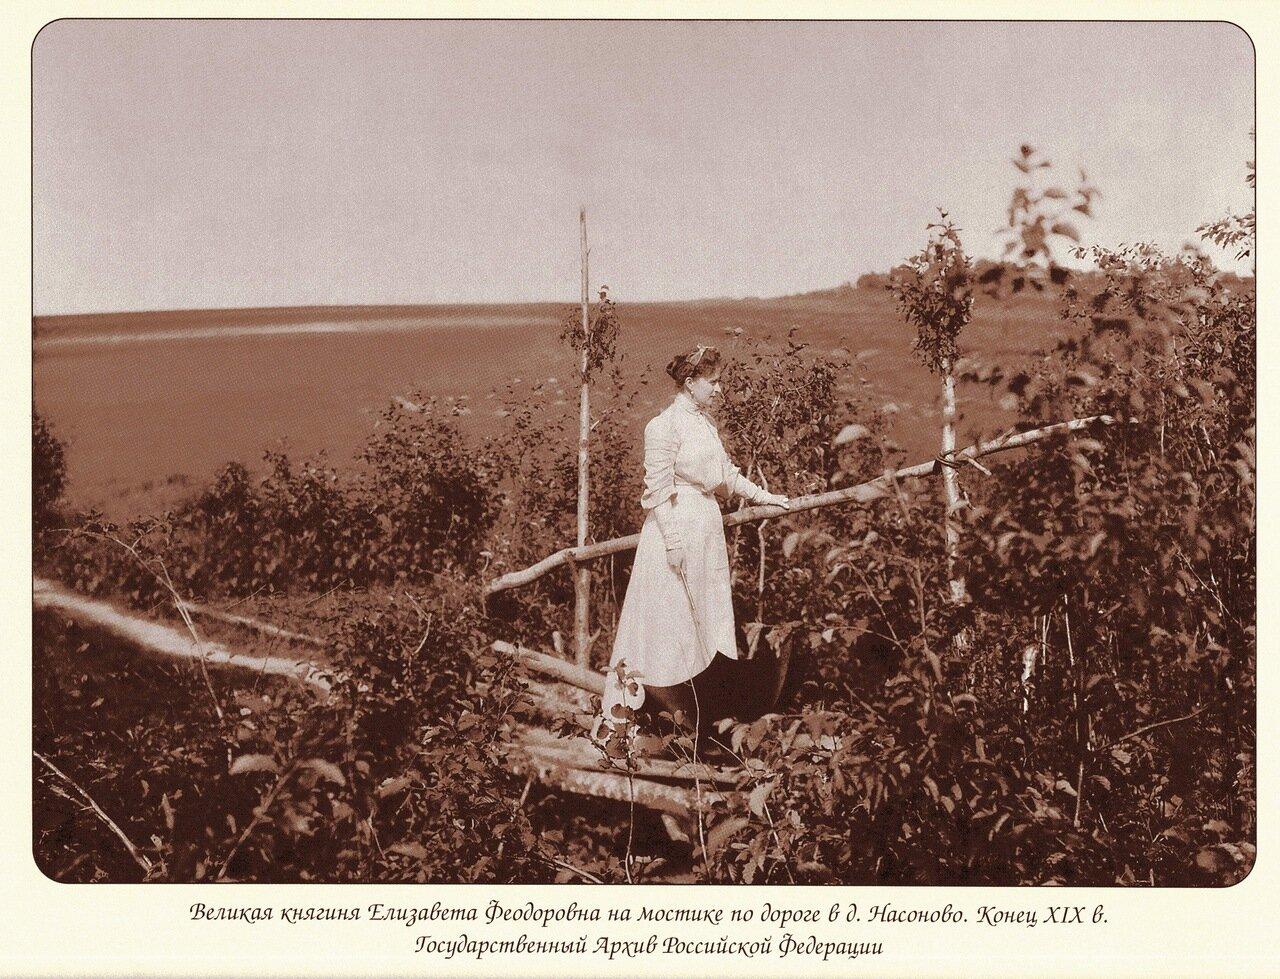 Великая княгиня Елизавета Федоровна на мостике по дороге в д. Насоново